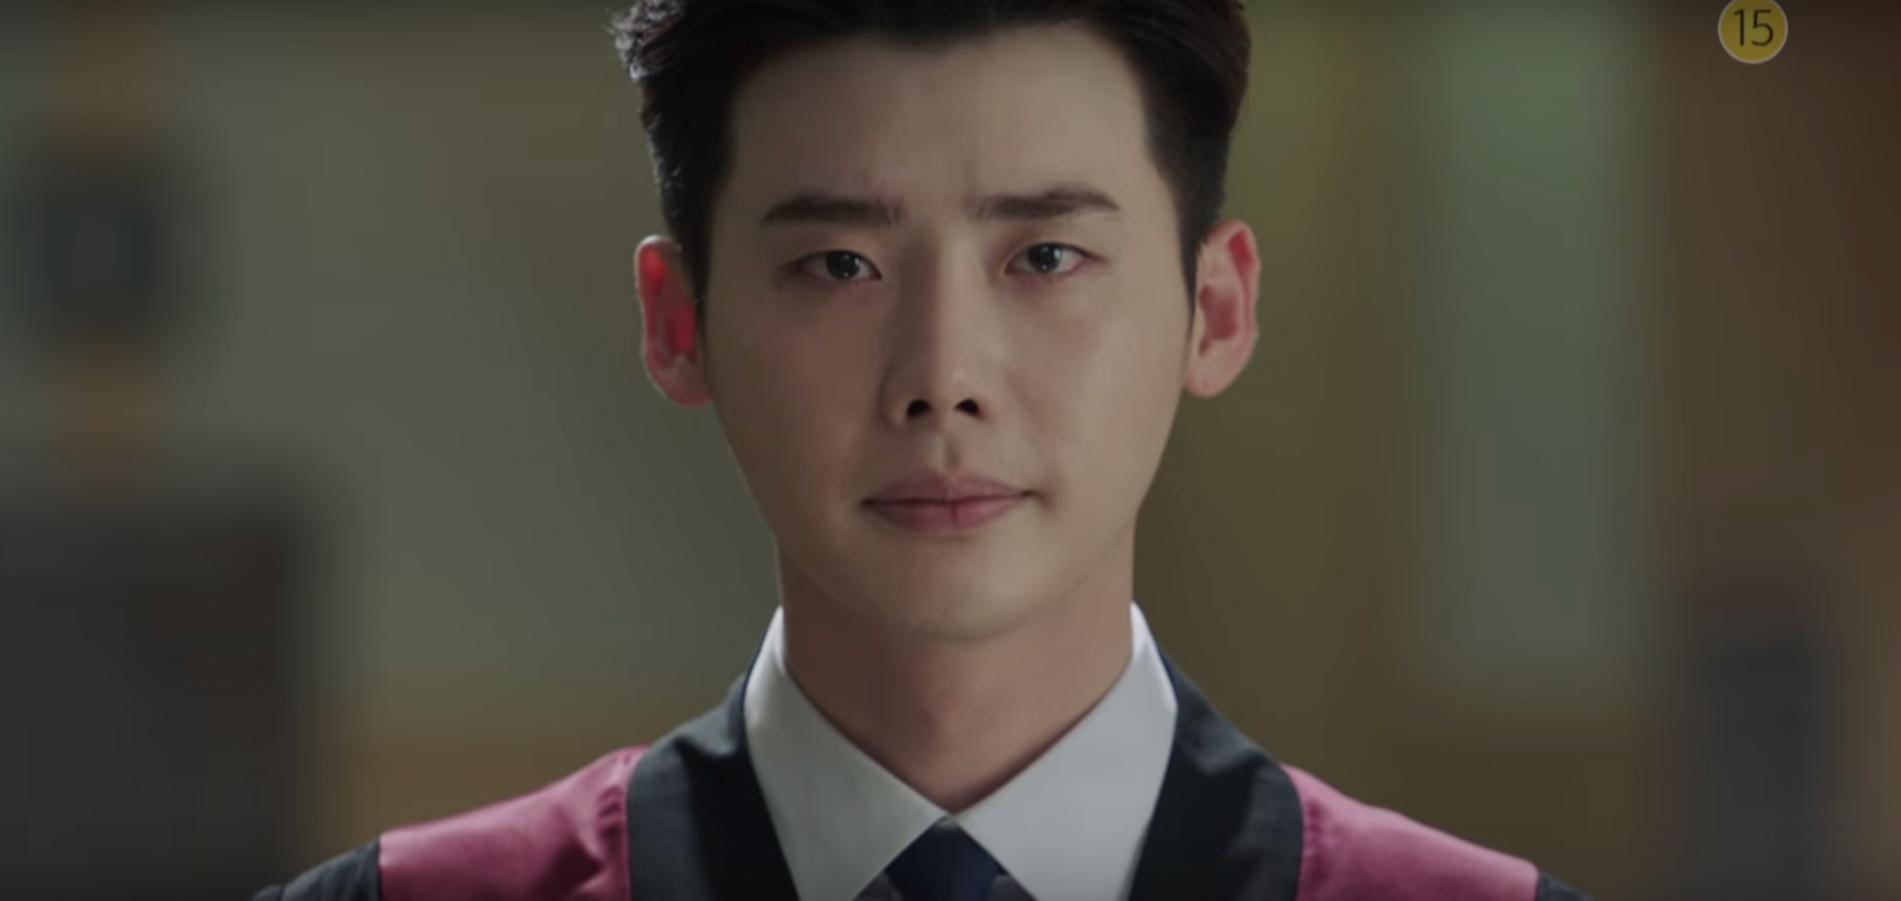 Trong bộ phim, Lee Jong Suk hoá thân thành chàng công tố viên điển trai, chính trực.